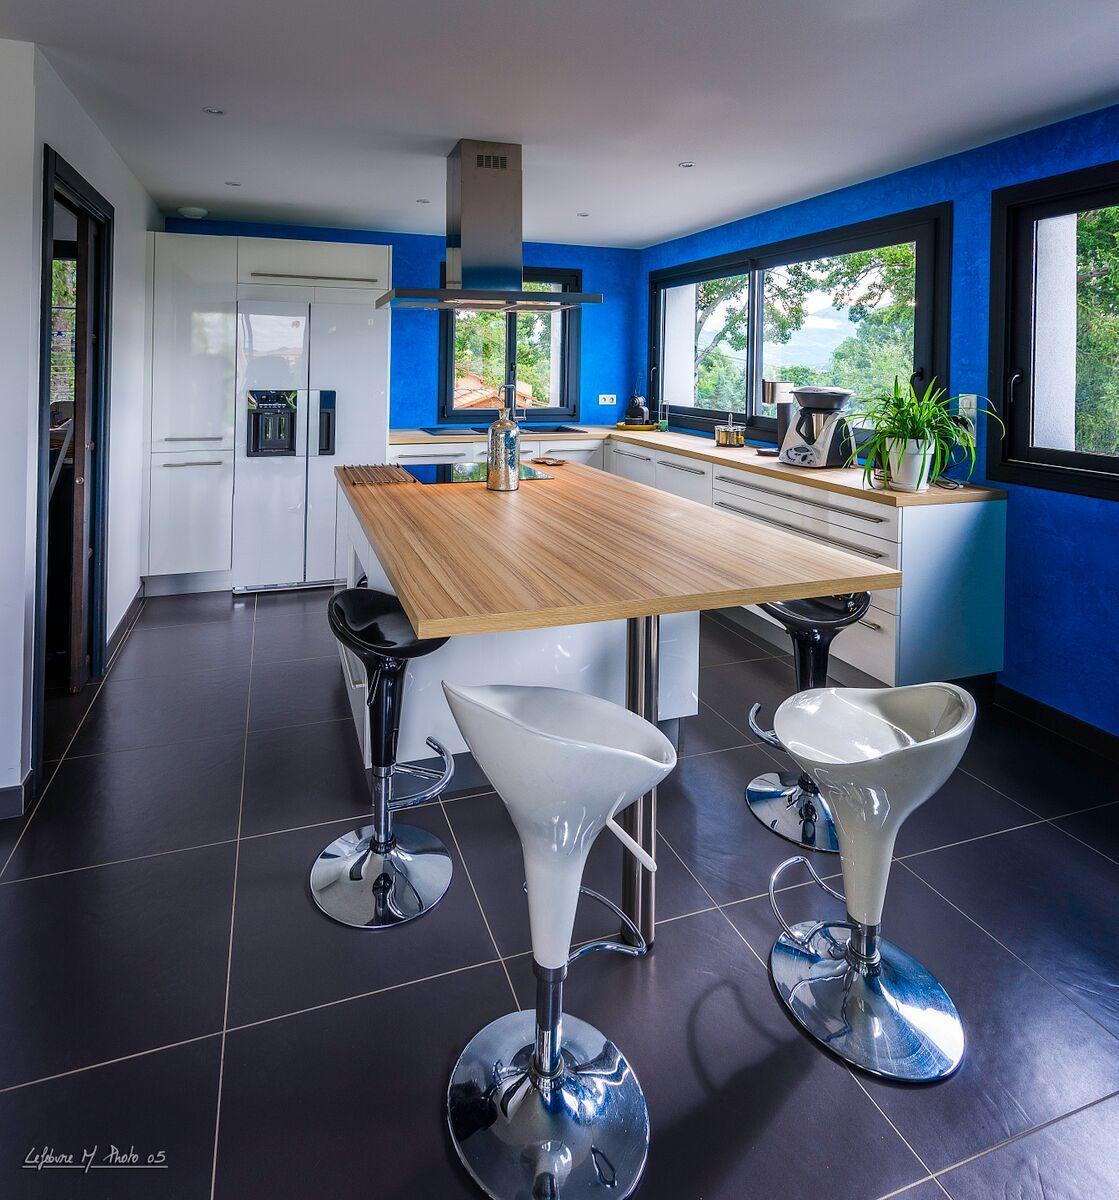 Gap Le Grand Bleu En Cuisine Et Bonnet - Cuisiniste gap